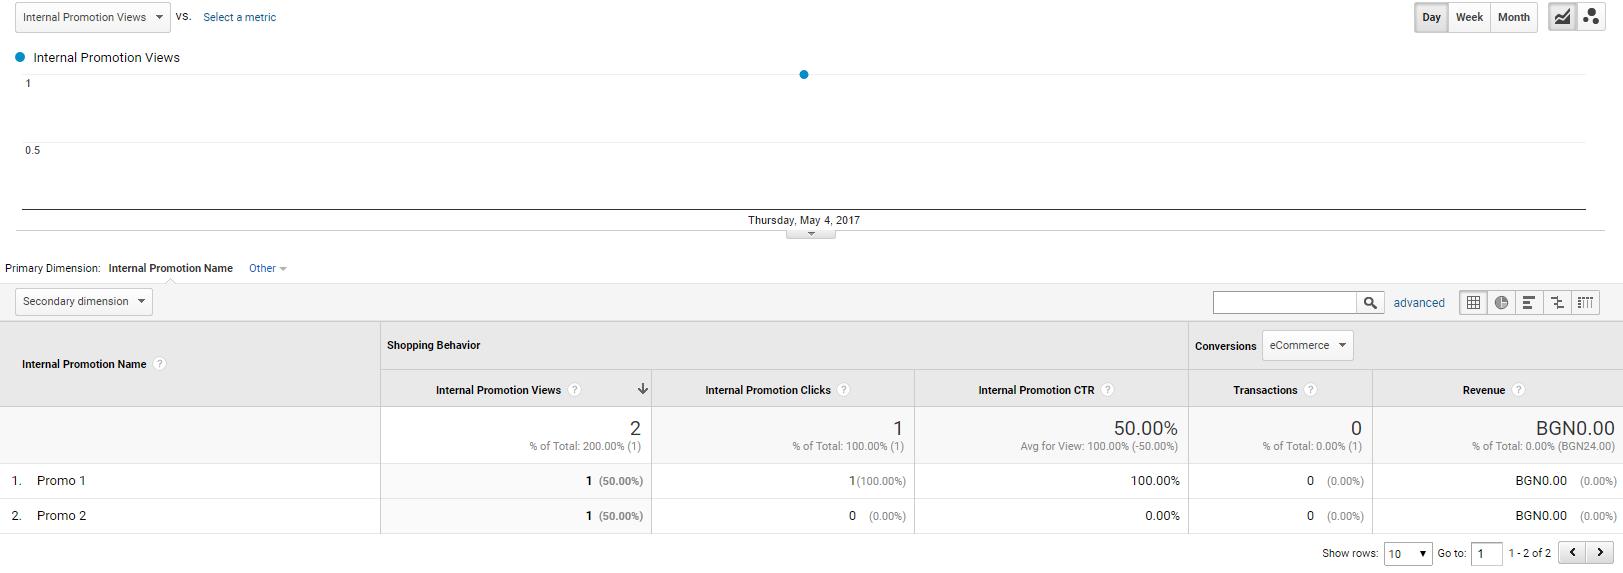 След изпращането на тези данни в отчета «Маркетинг» — «Вътрешна популяризация» се променят стойноститена показателите «Брой кликвания на вътрешната популяризация» и «CTR на вътрешната популяризация»